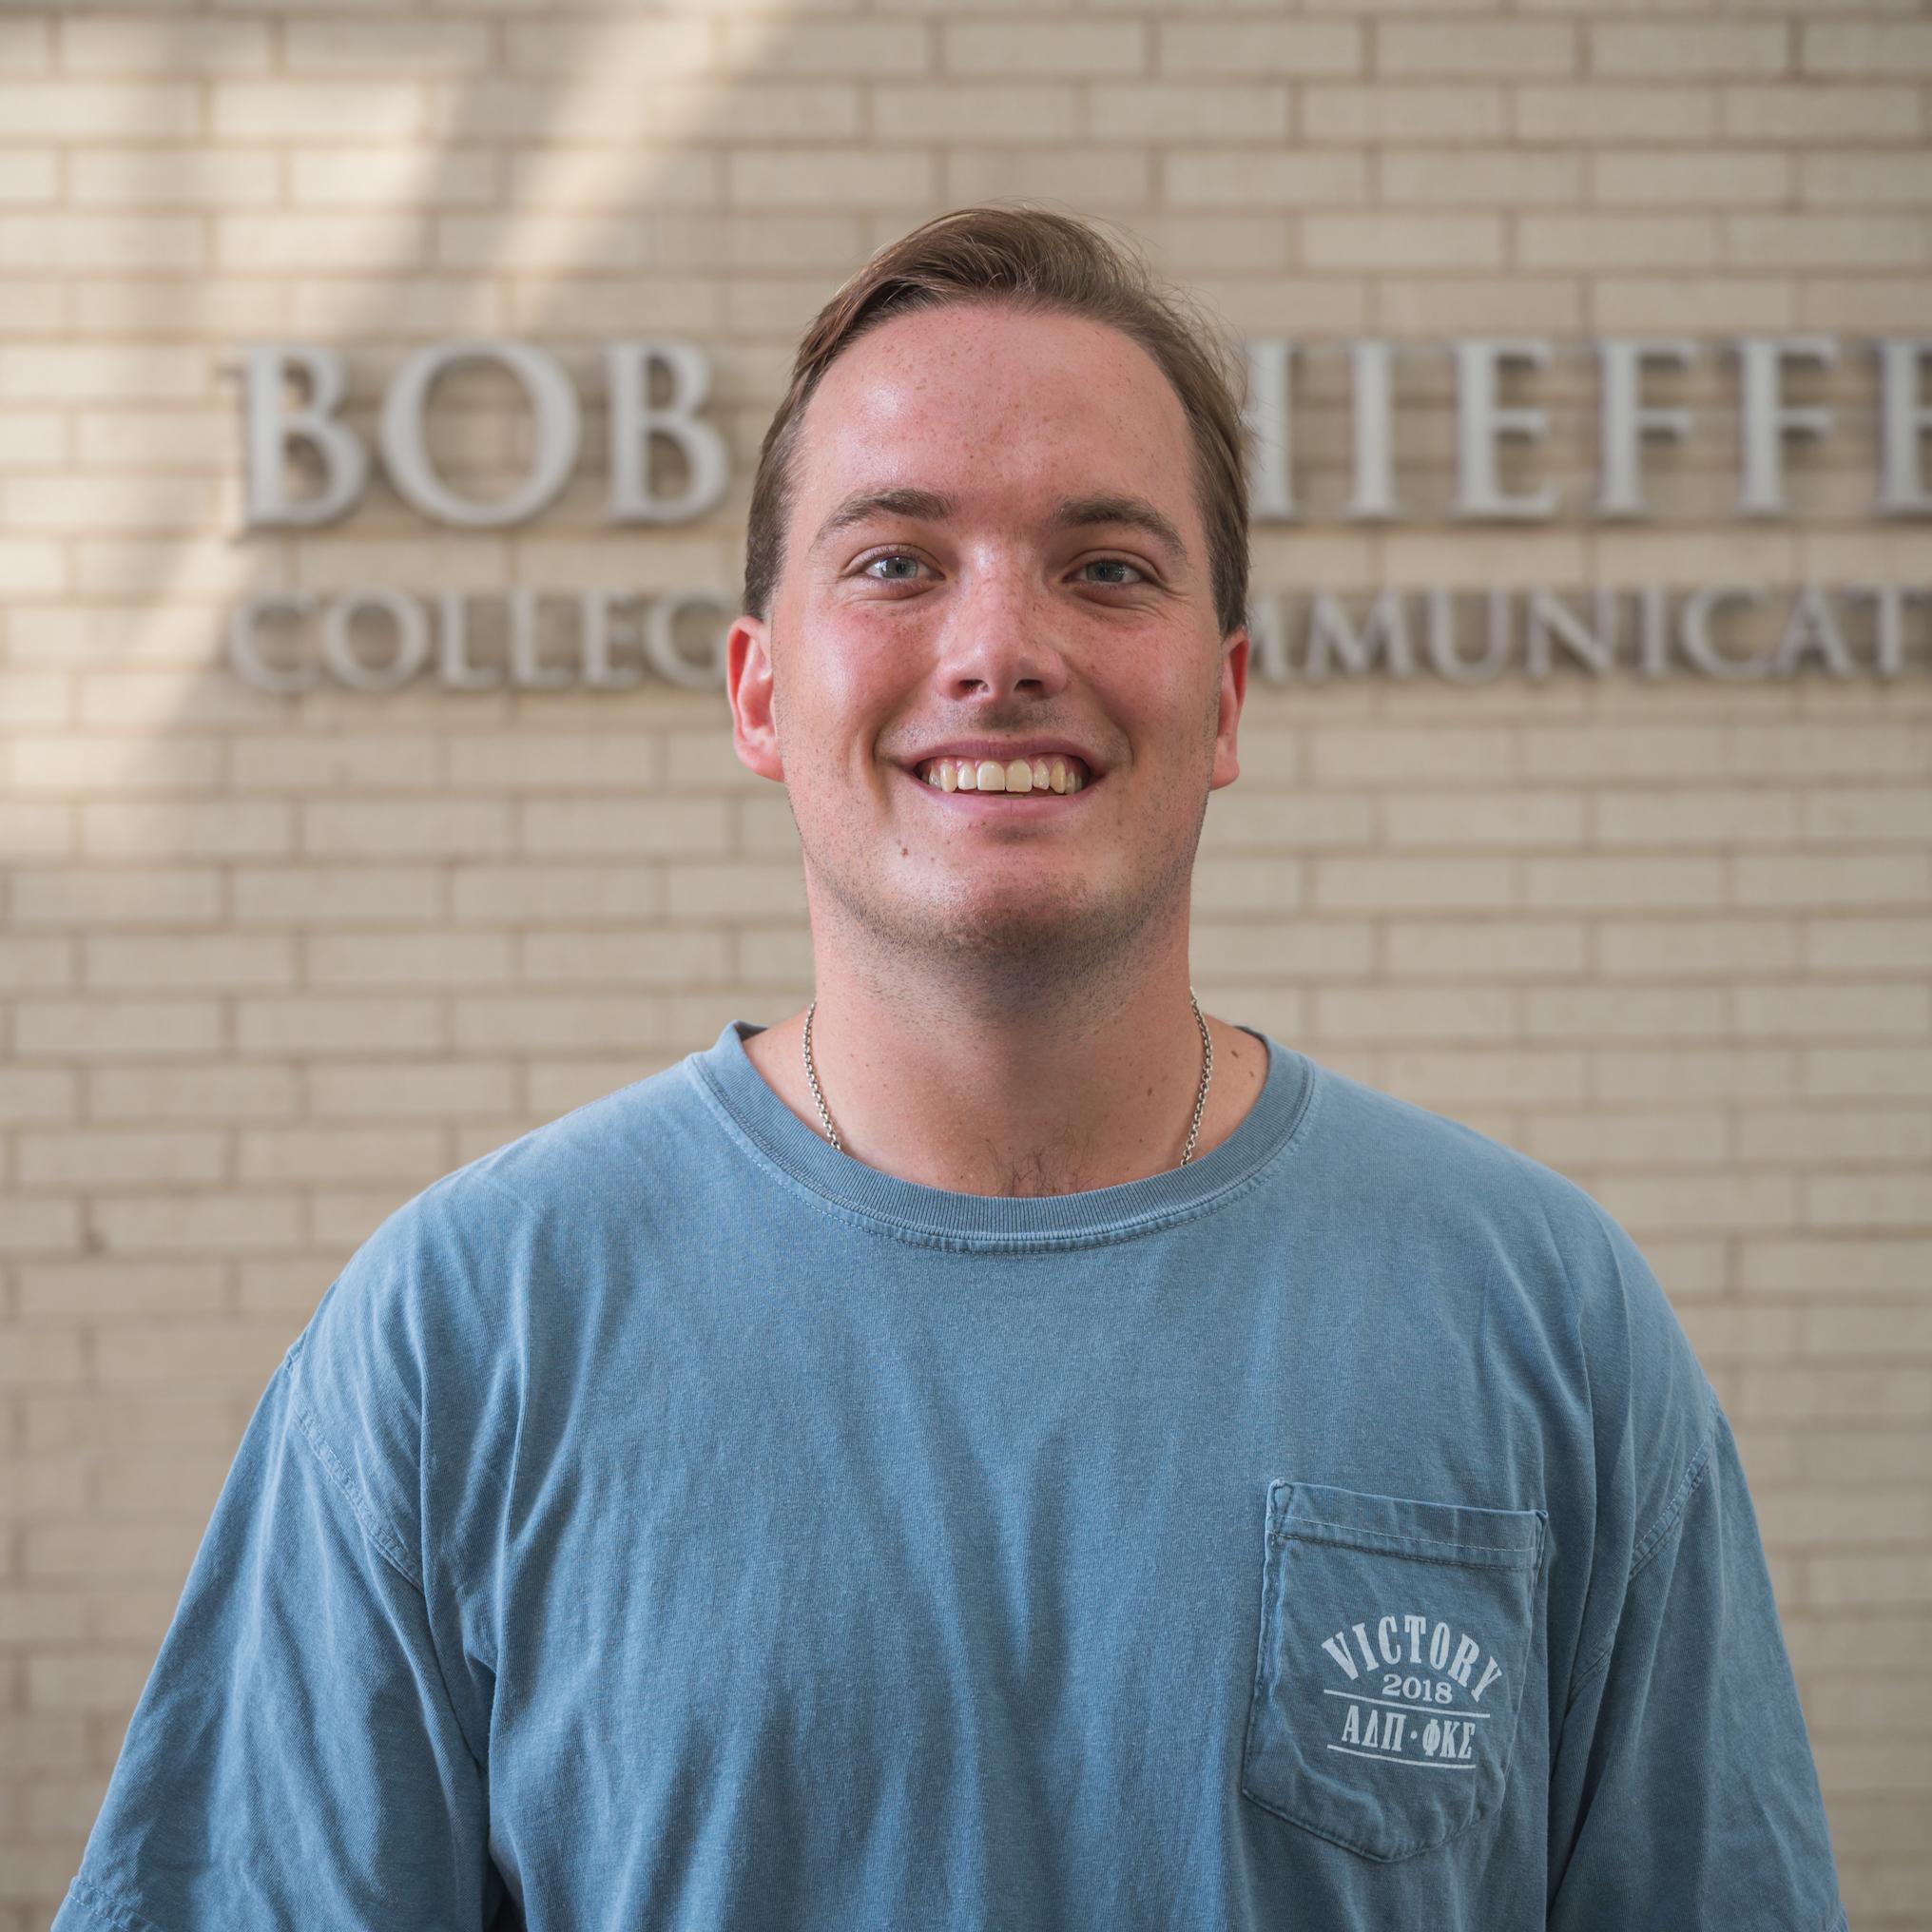 Benton McDonald, managing editor